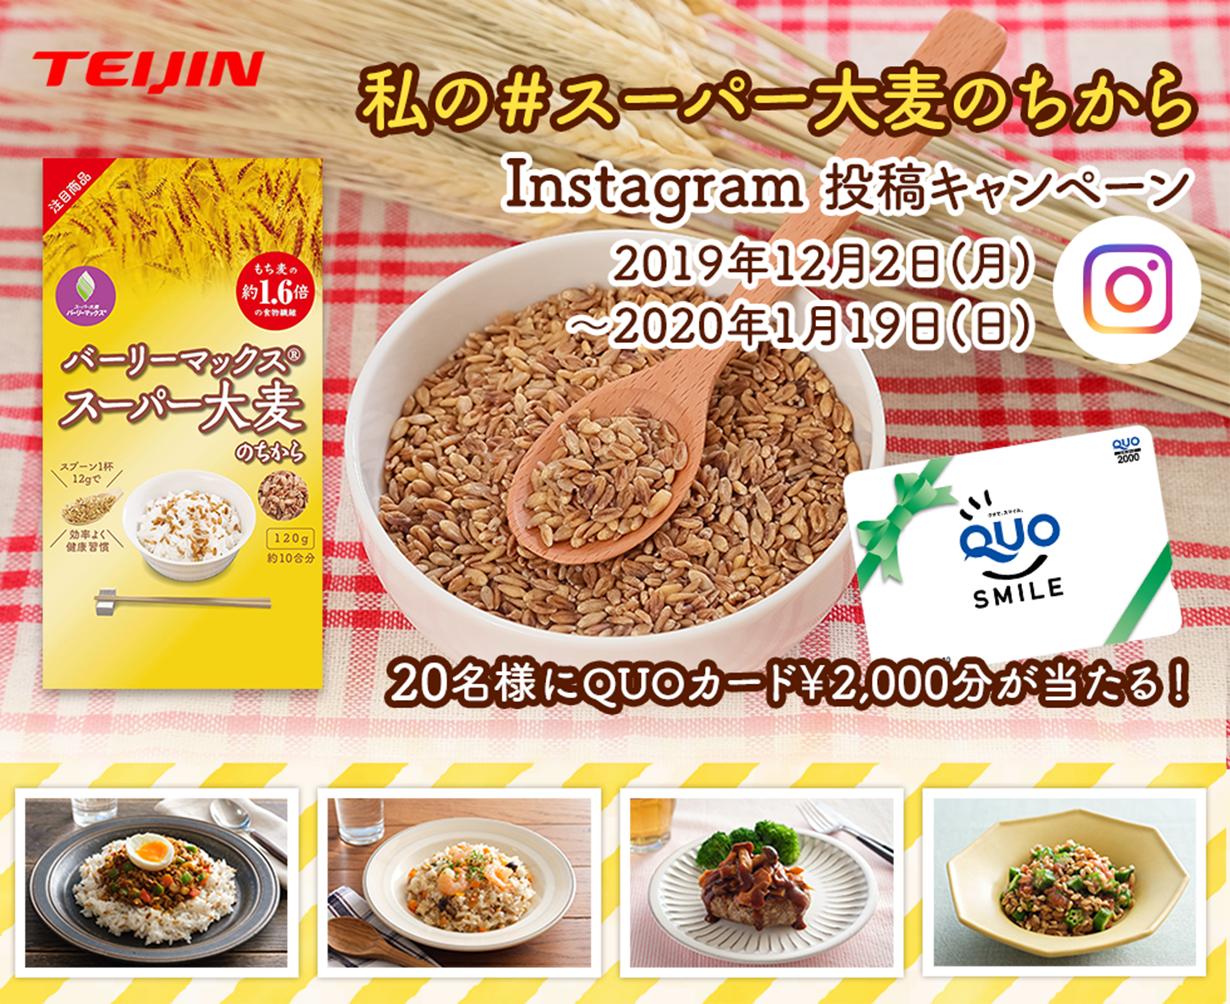 TEIJIN バーリーマックス® 私の#スーパー大麦のちから Instagram投稿キャンペーン 20名様にQUOカード¥2,000分が当たる!